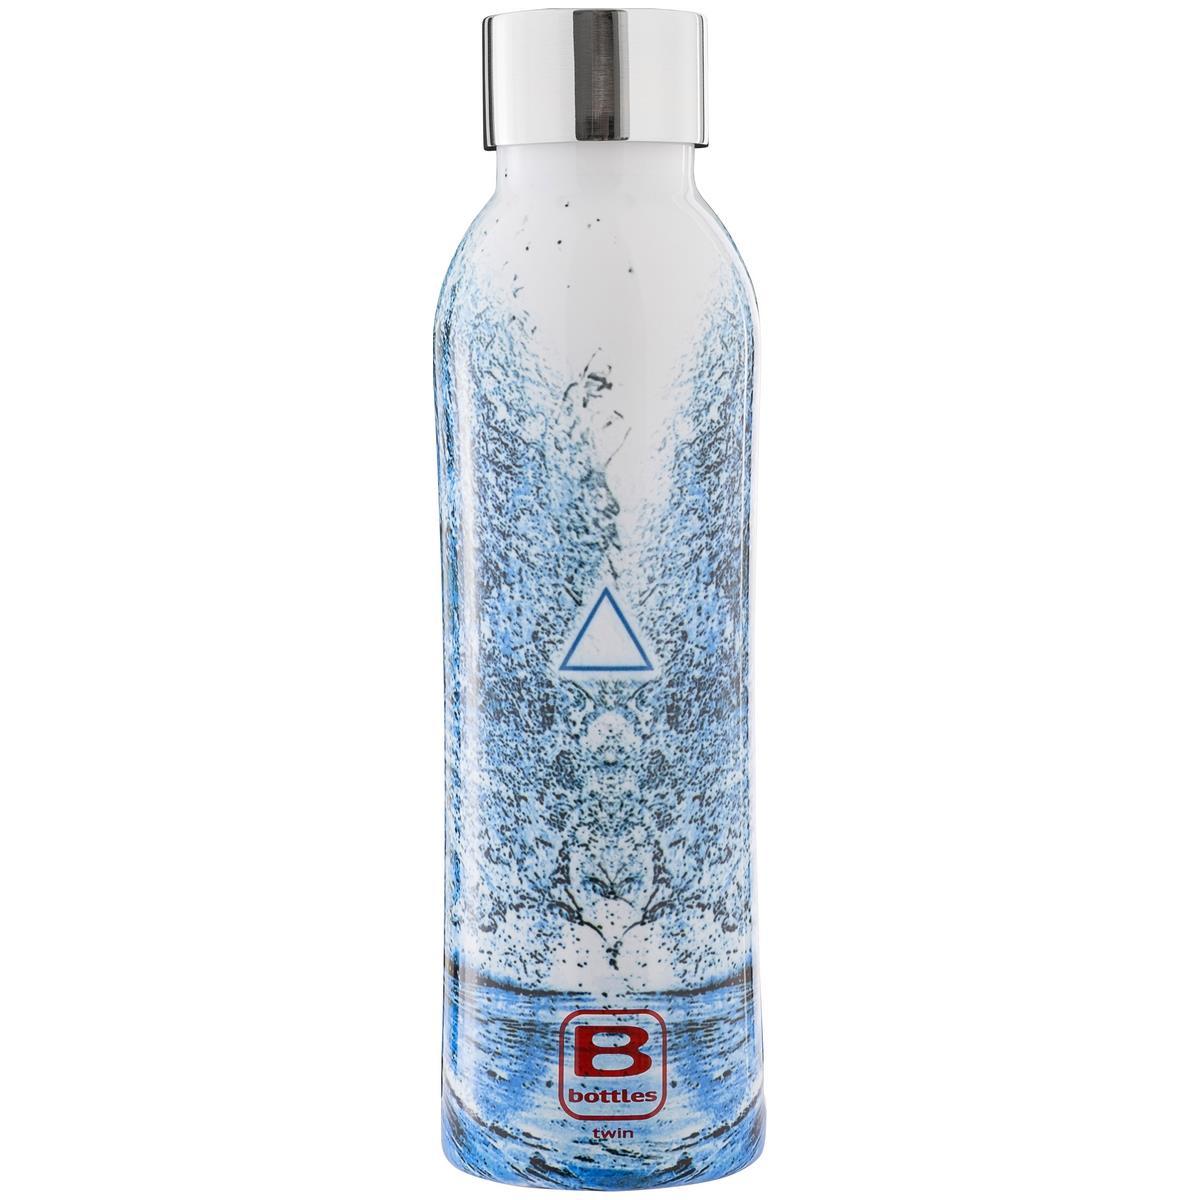 B Bottles Twin - Acqua Element - 500 ml - Bottiglia Termica a doppia parete in acciaio inox 18/10